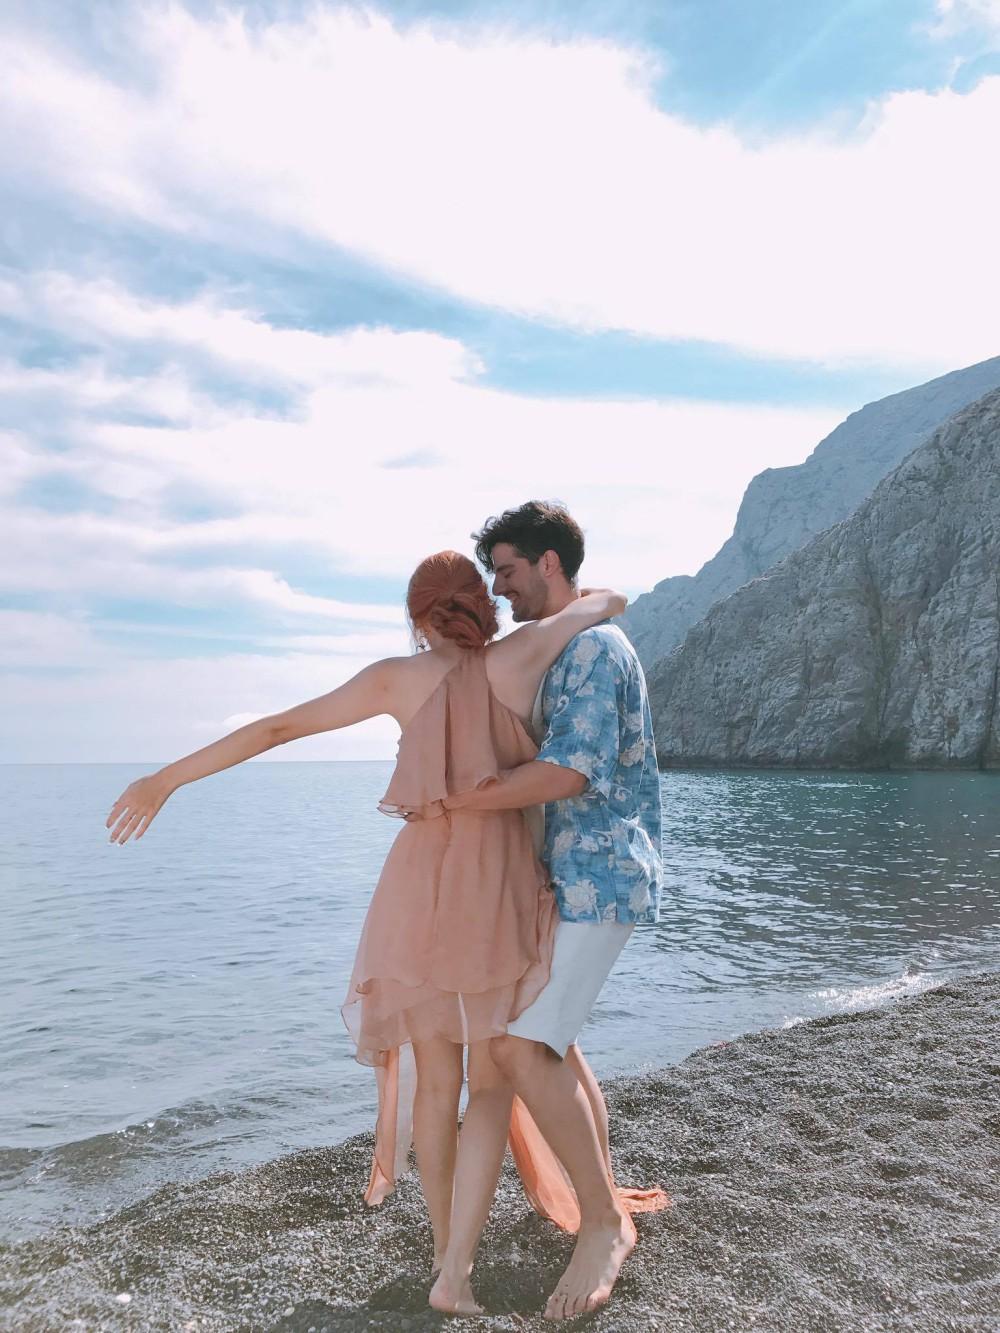 """""""Vì Yêu Mà Cưới"""": Đừng kết hôn chỉ vì gia đình hay tuổi tác, hãy chỉ kết hôn khi trái tim thấy cần - Ảnh 3."""